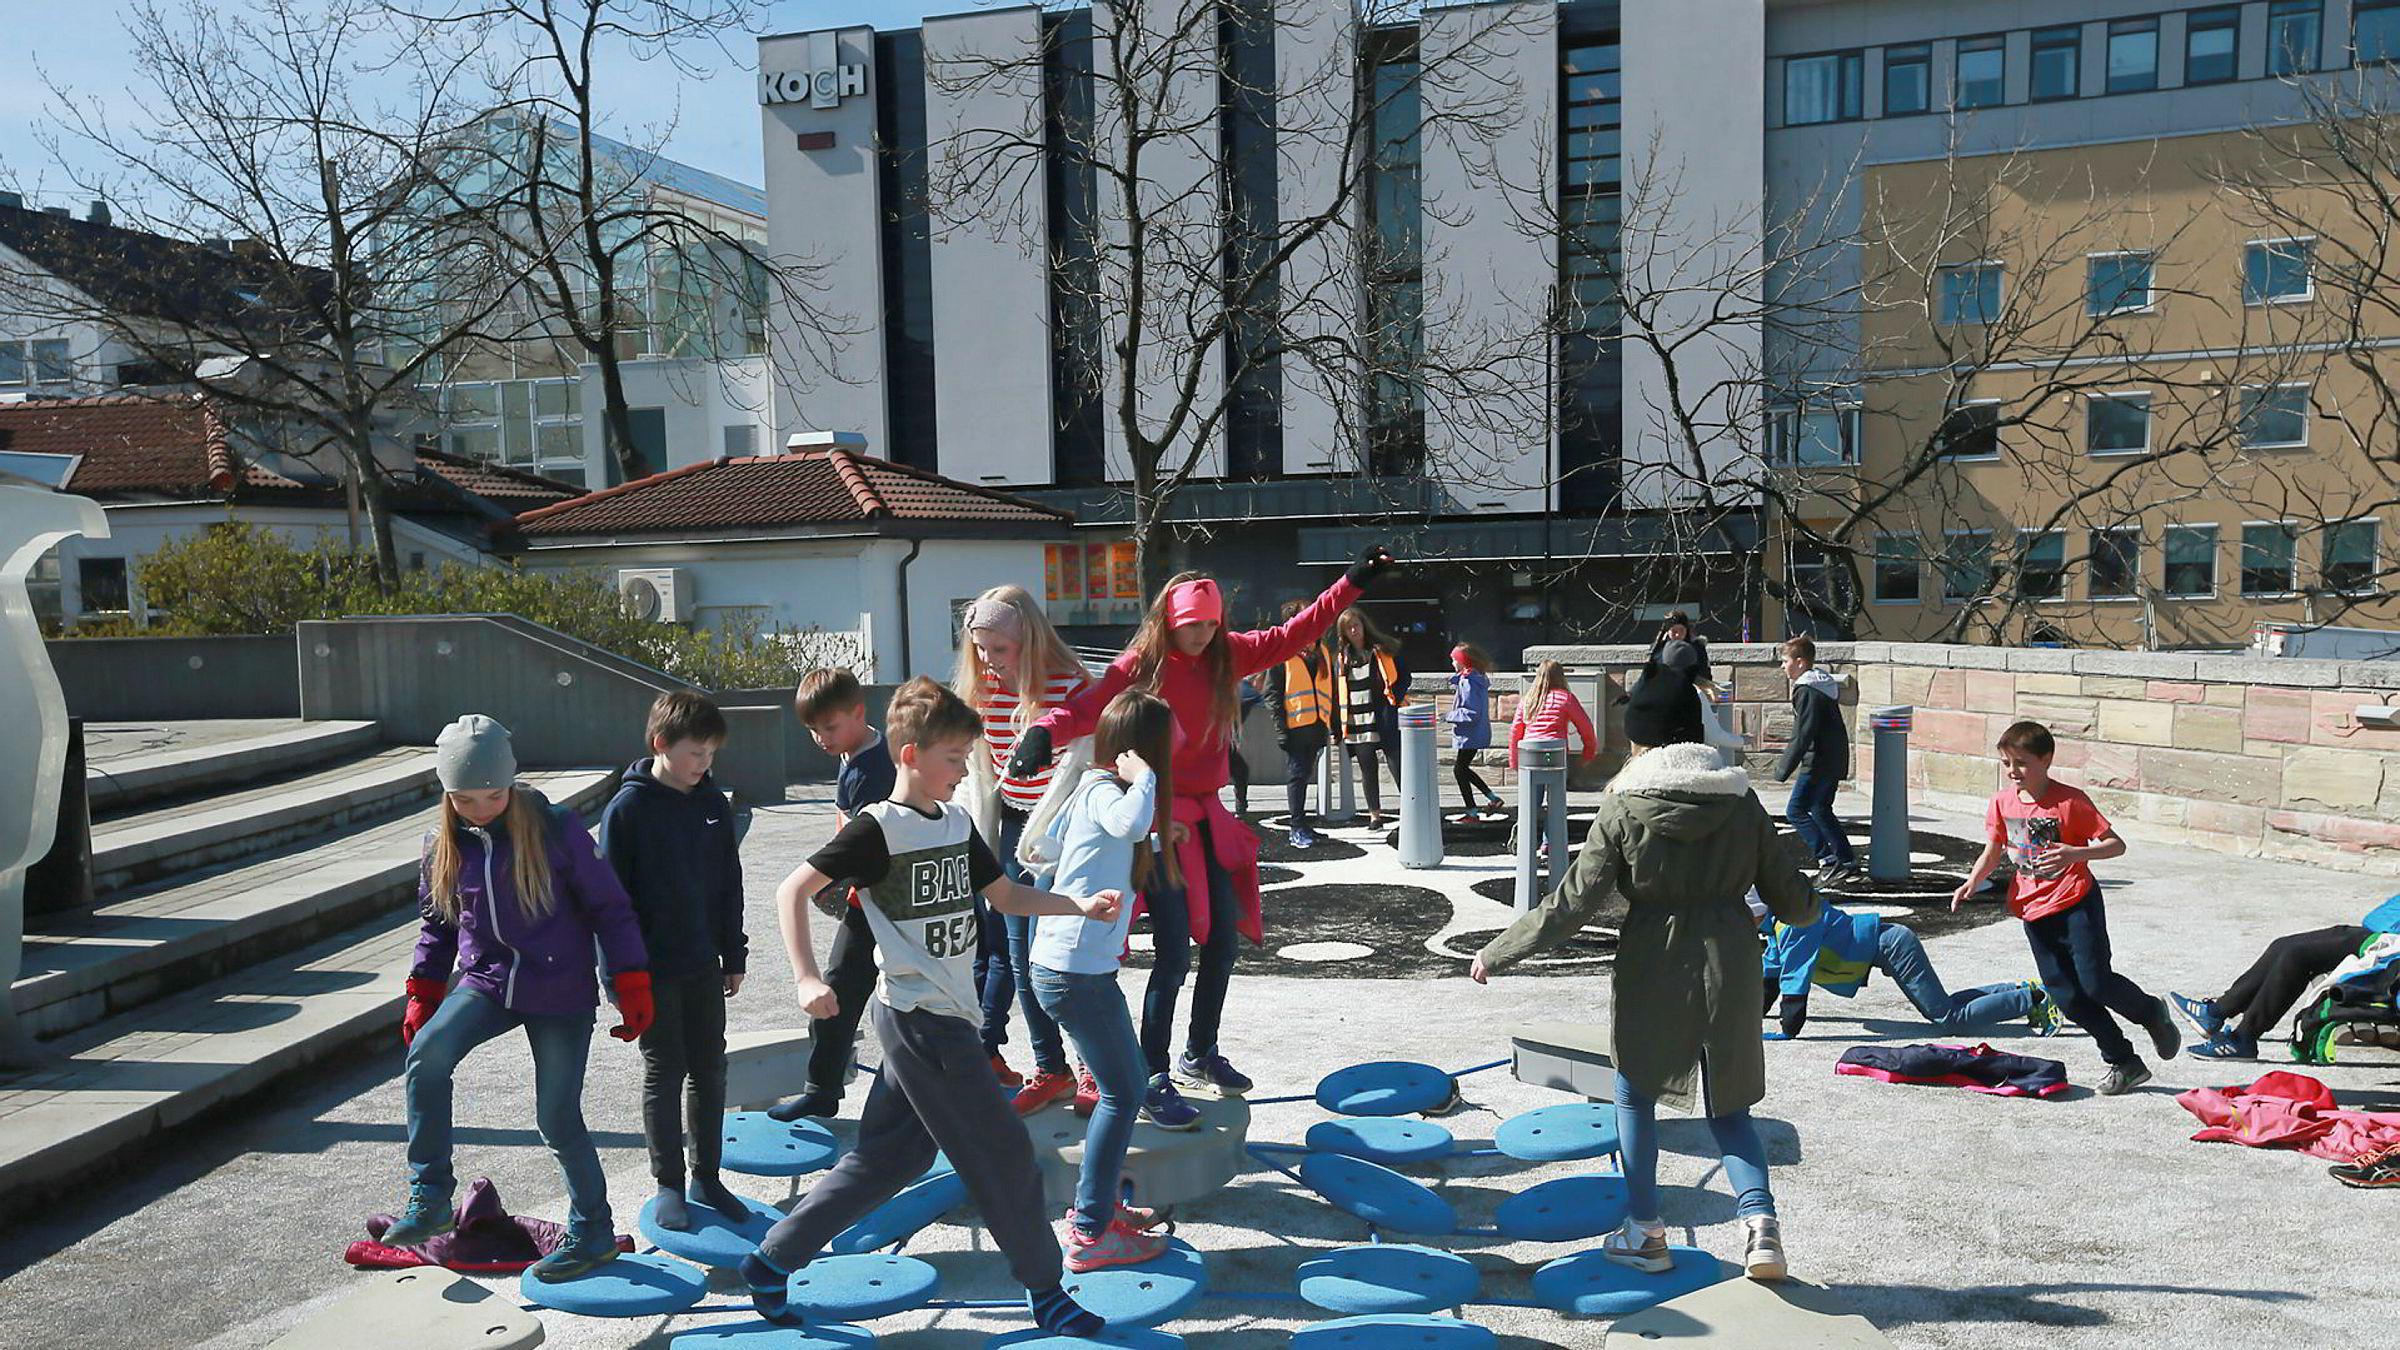 I mange byer er man for lite opptatt av barne- og ungdomsvennlige uterom. I Drammen og Bodø er det etablert lekeplasser, skatepark og andre aktivitetstiltak i sentrum. Det er kanskje selvsagte ting, men kan fort glemmes. Her fra barnelek på Torget i Bodø.